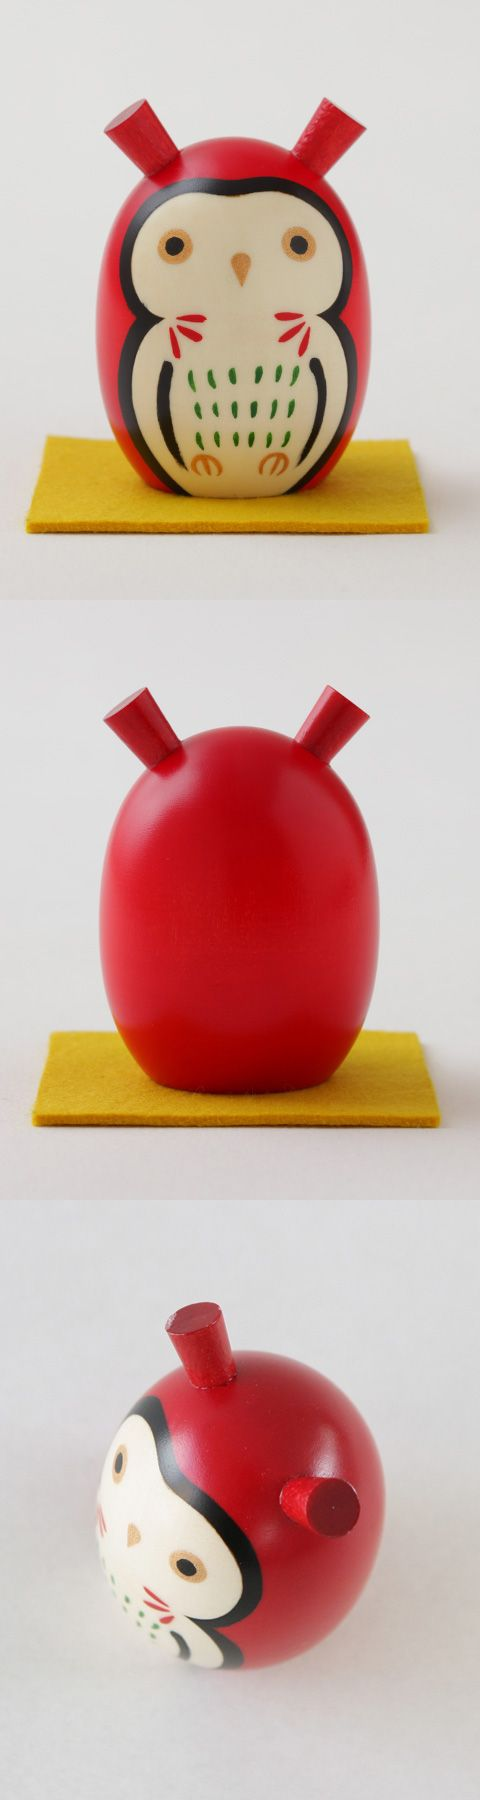 【こけし飾り みみずく(中川政七商店)】/魔除けの色とされる赤のみみずくは、江戸時代、だるまとともに愛された縁起物です。 #souvenir